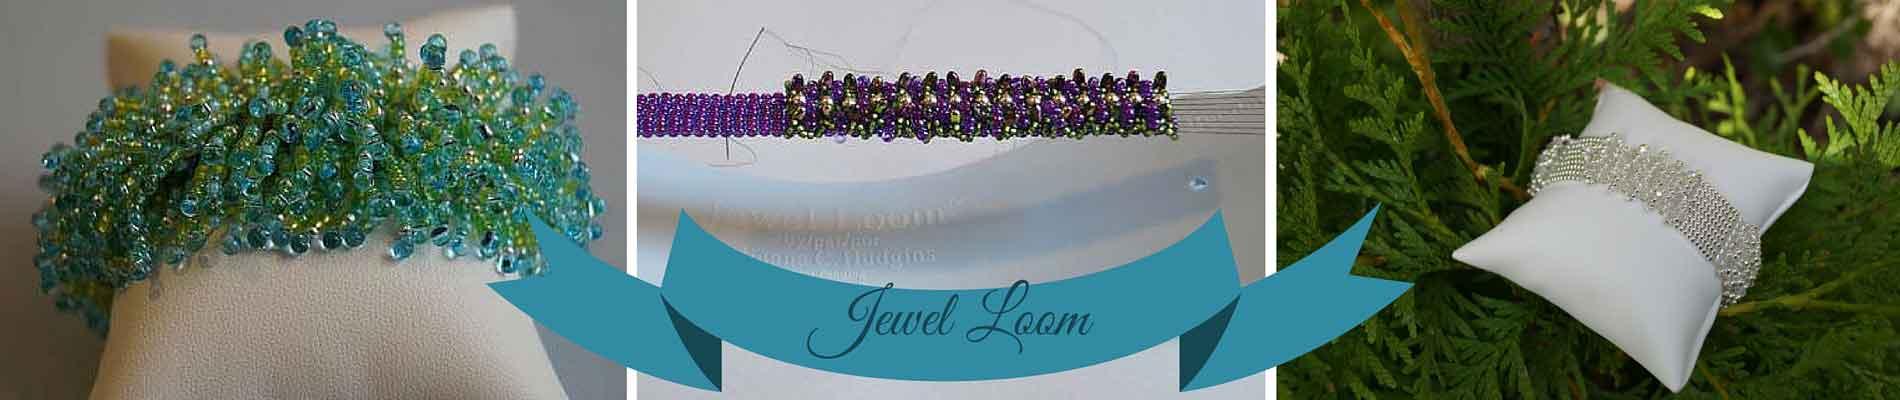 Jewel-Loom